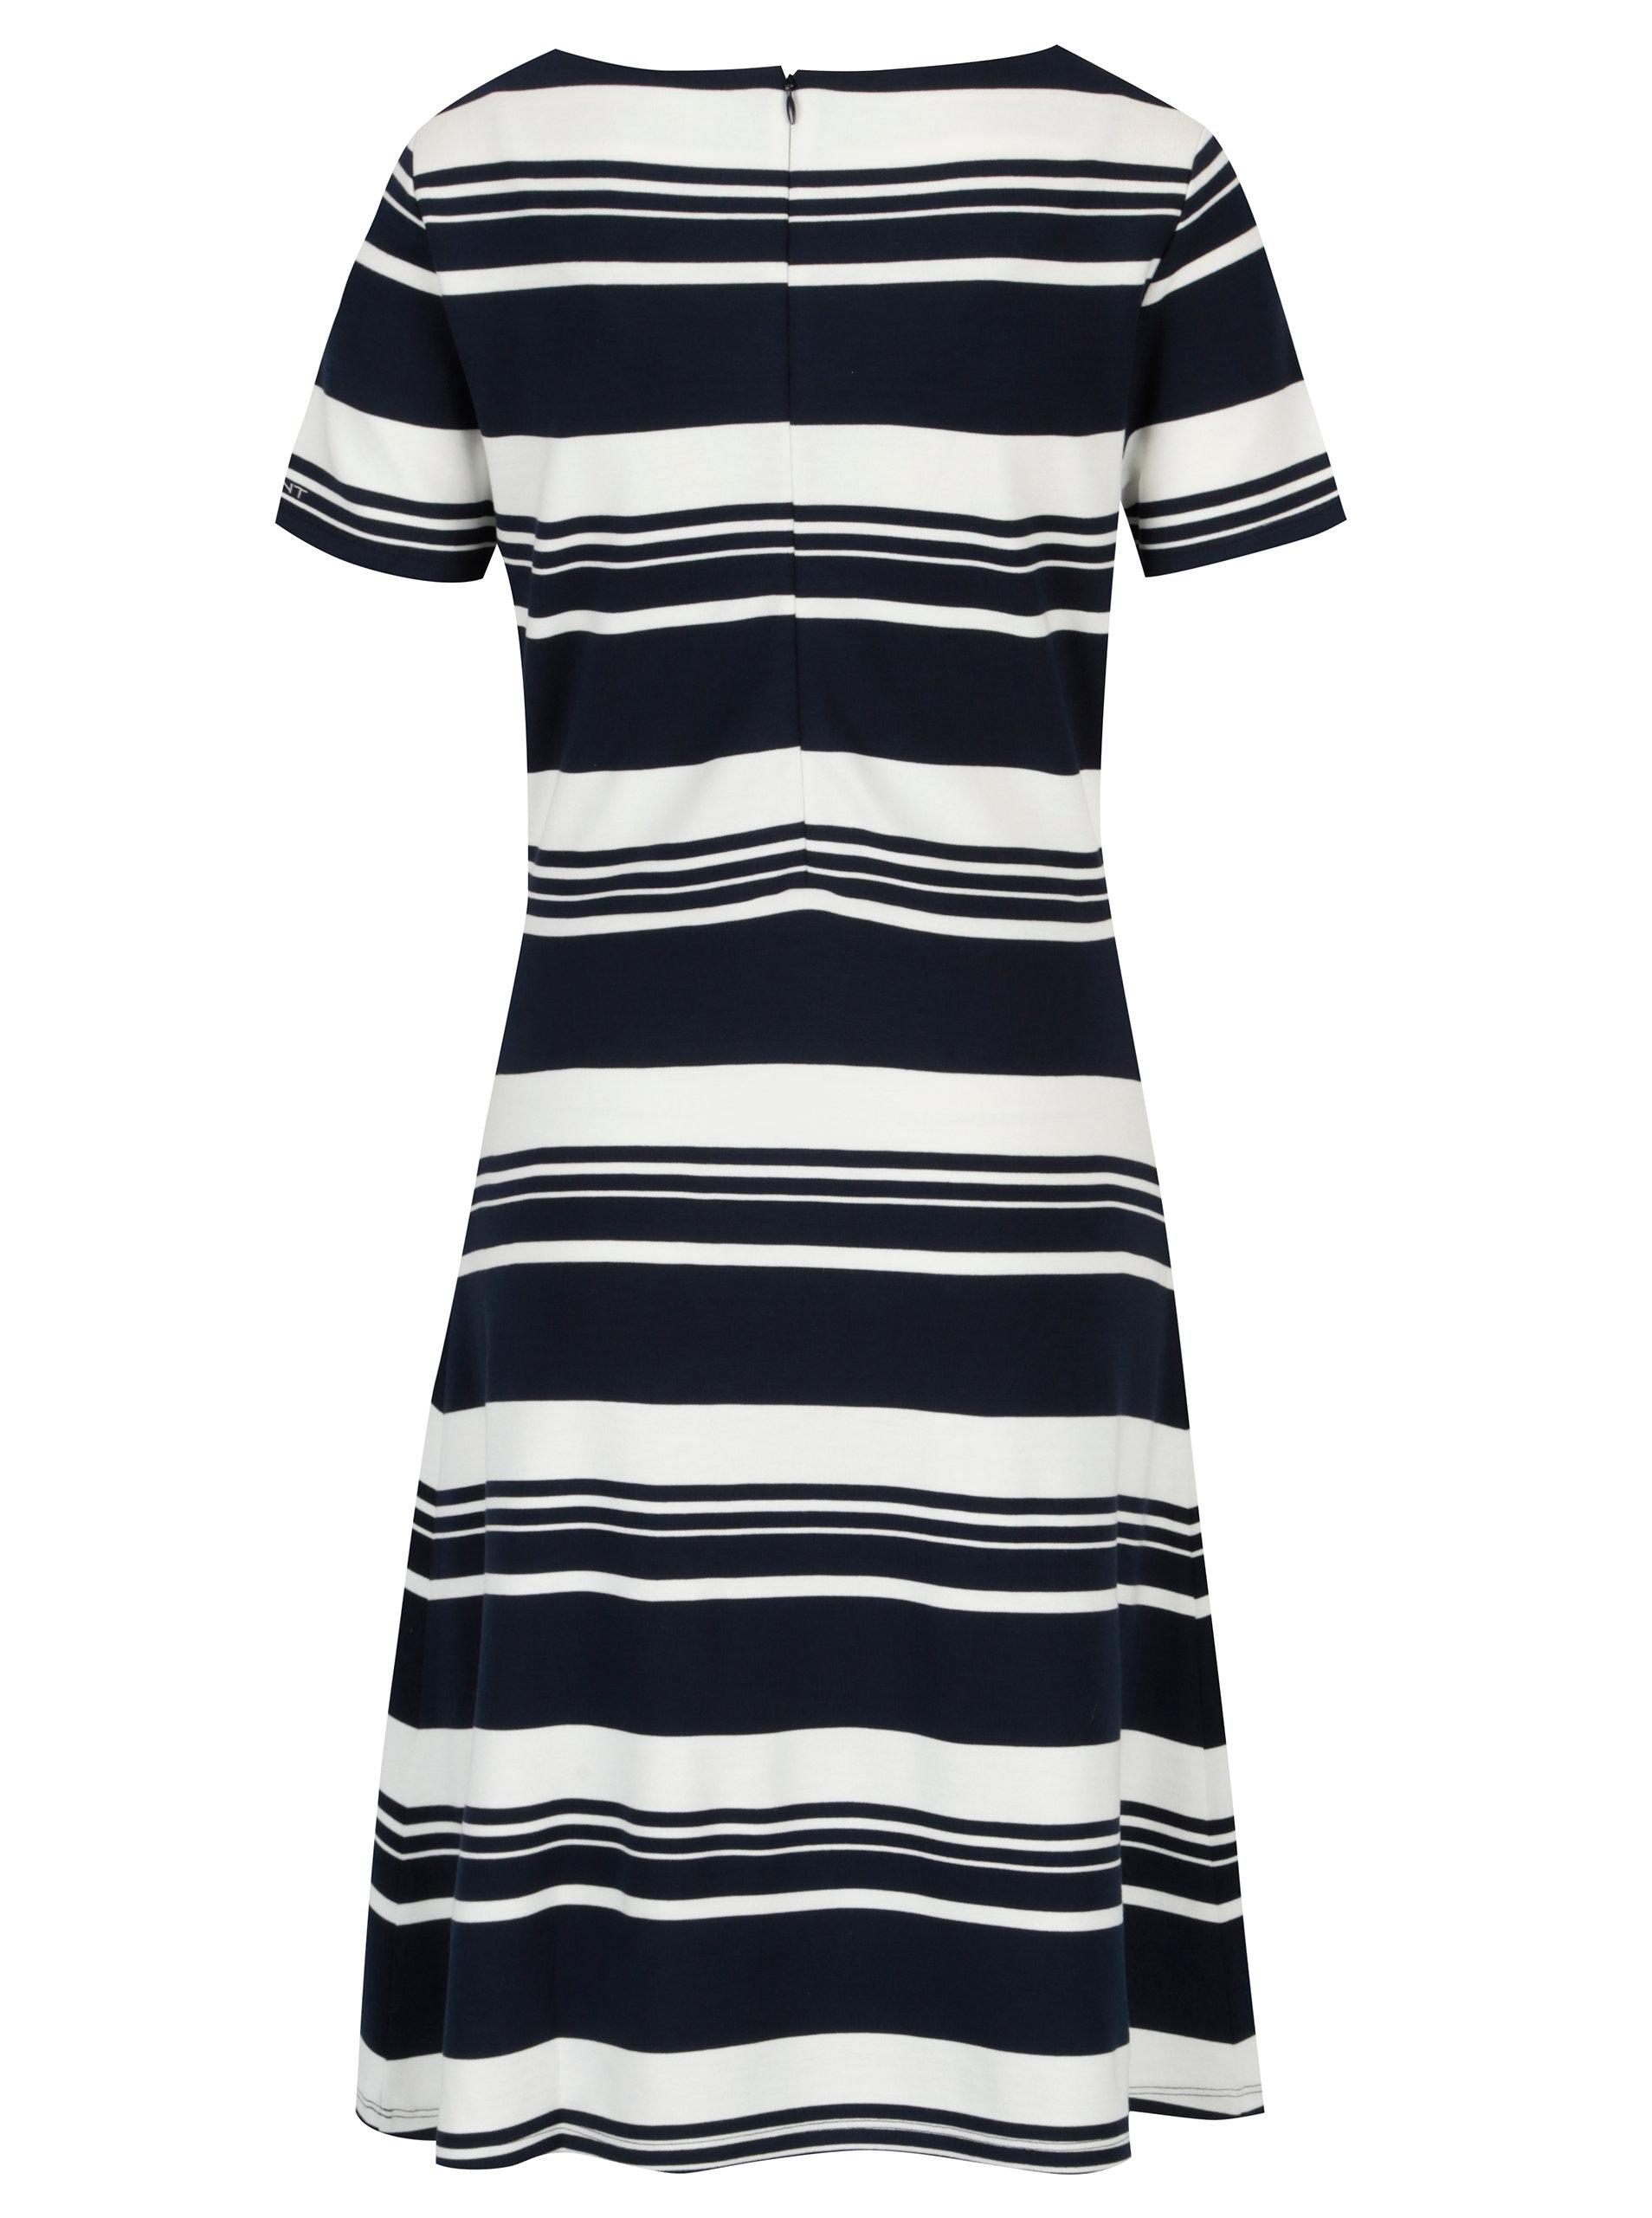 96eabc45e024 Modro-biele pruhované šaty s krátkym rukávom GANT ...